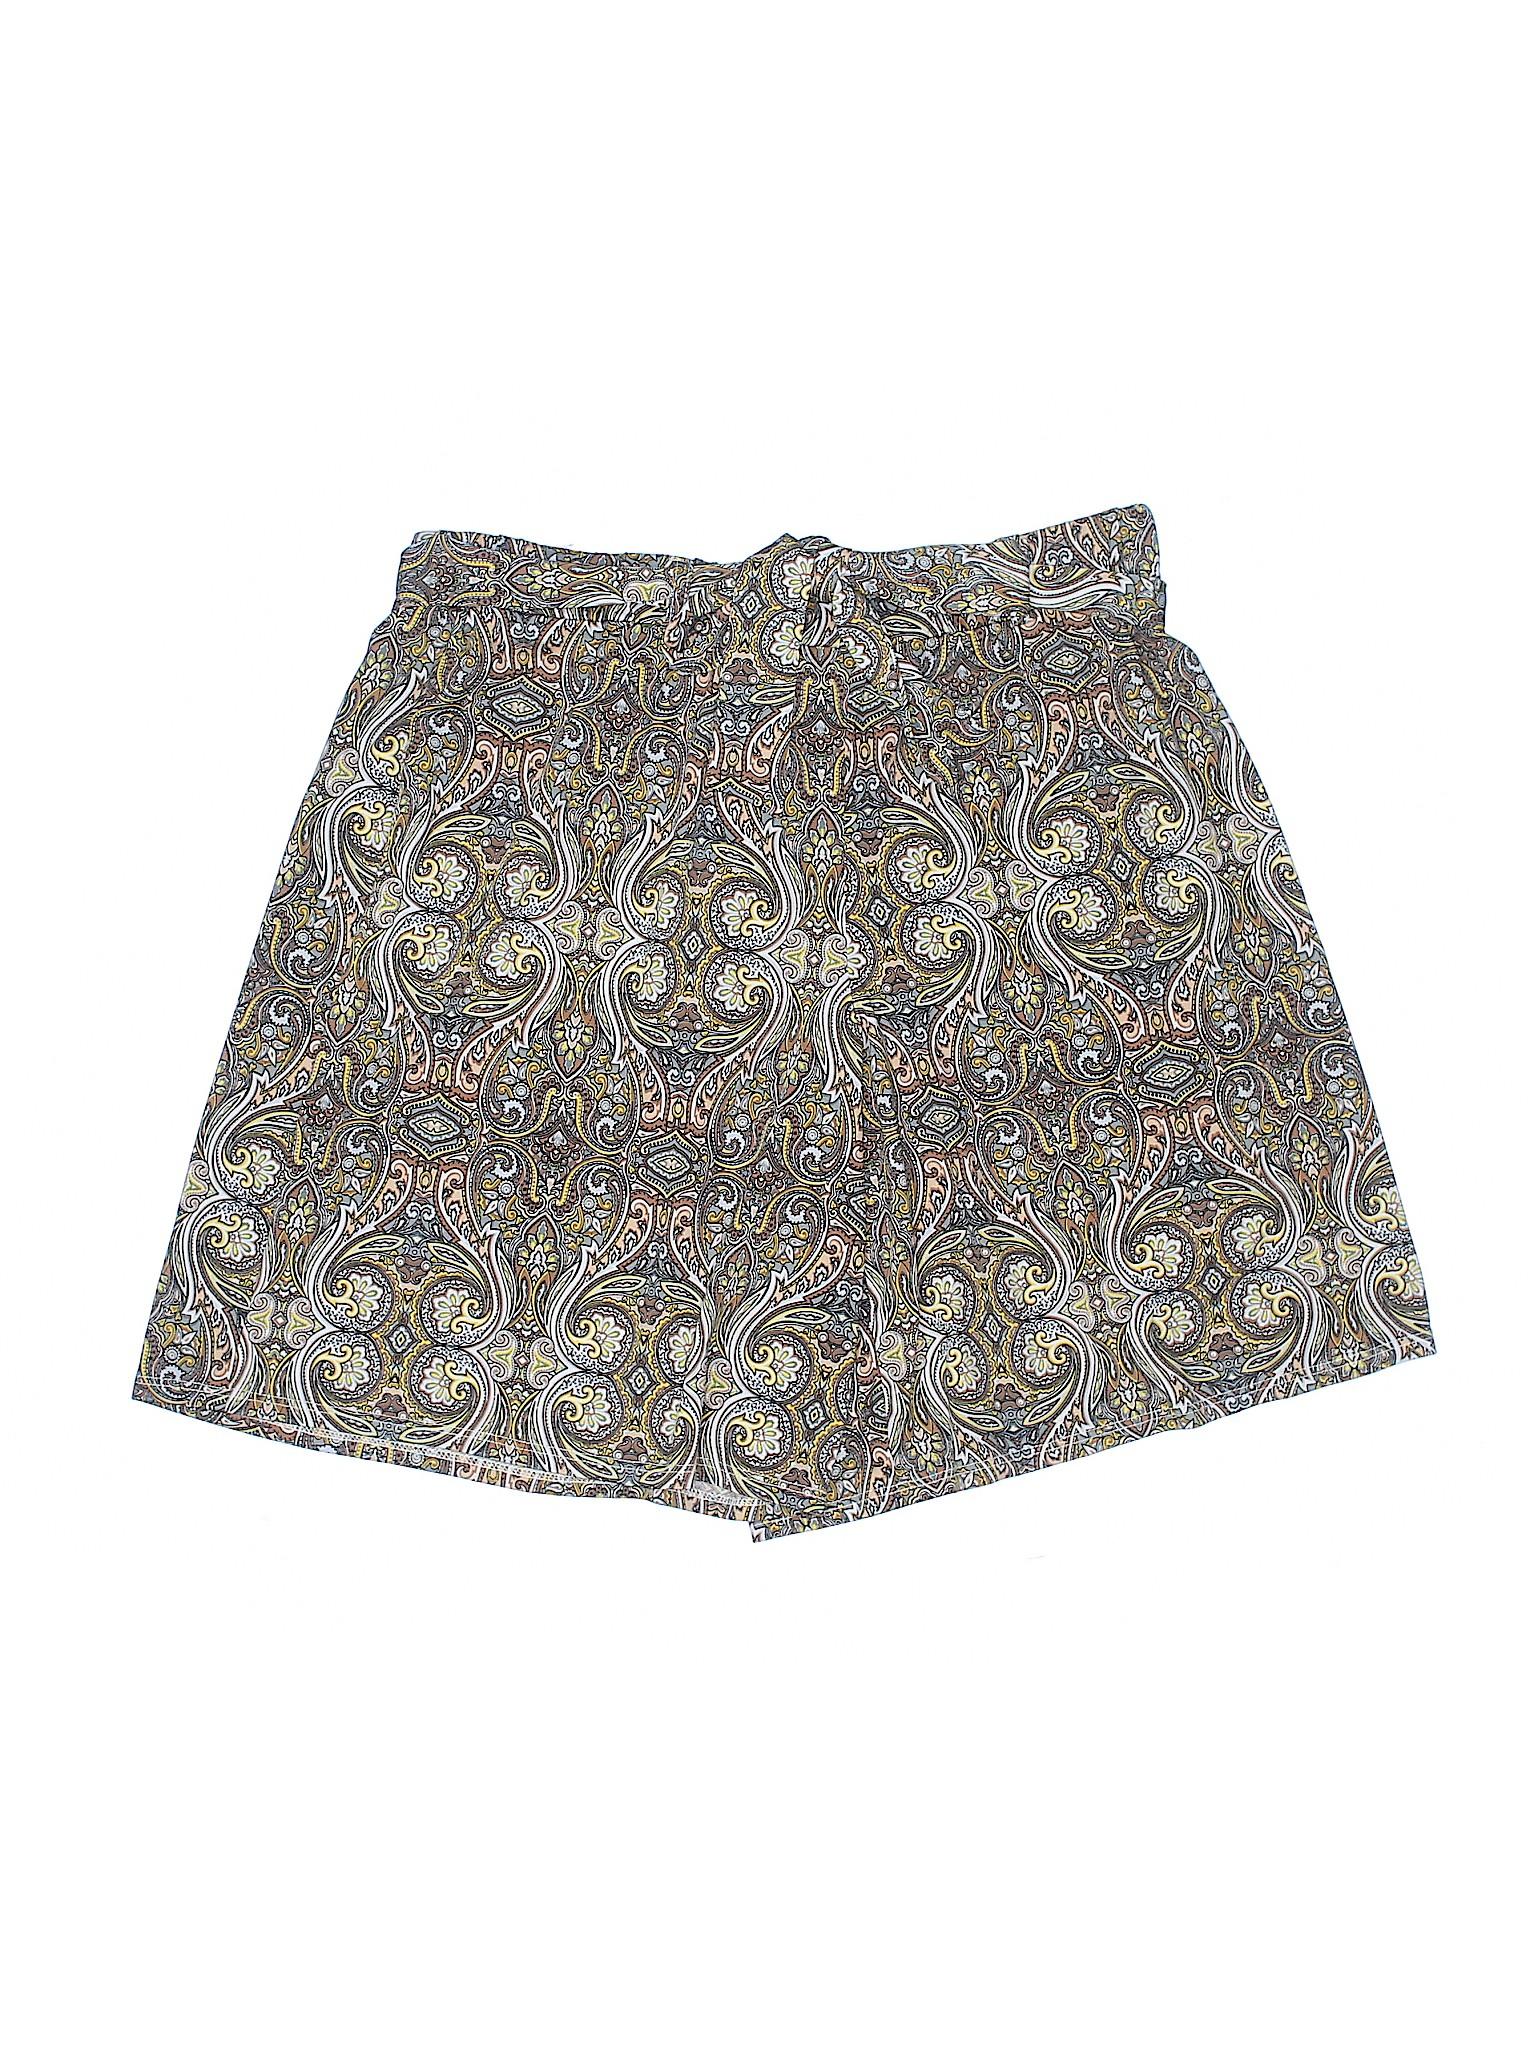 Boutique Shorts Shorts AGB Shorts AGB Boutique Boutique AGB 1qOwdEq